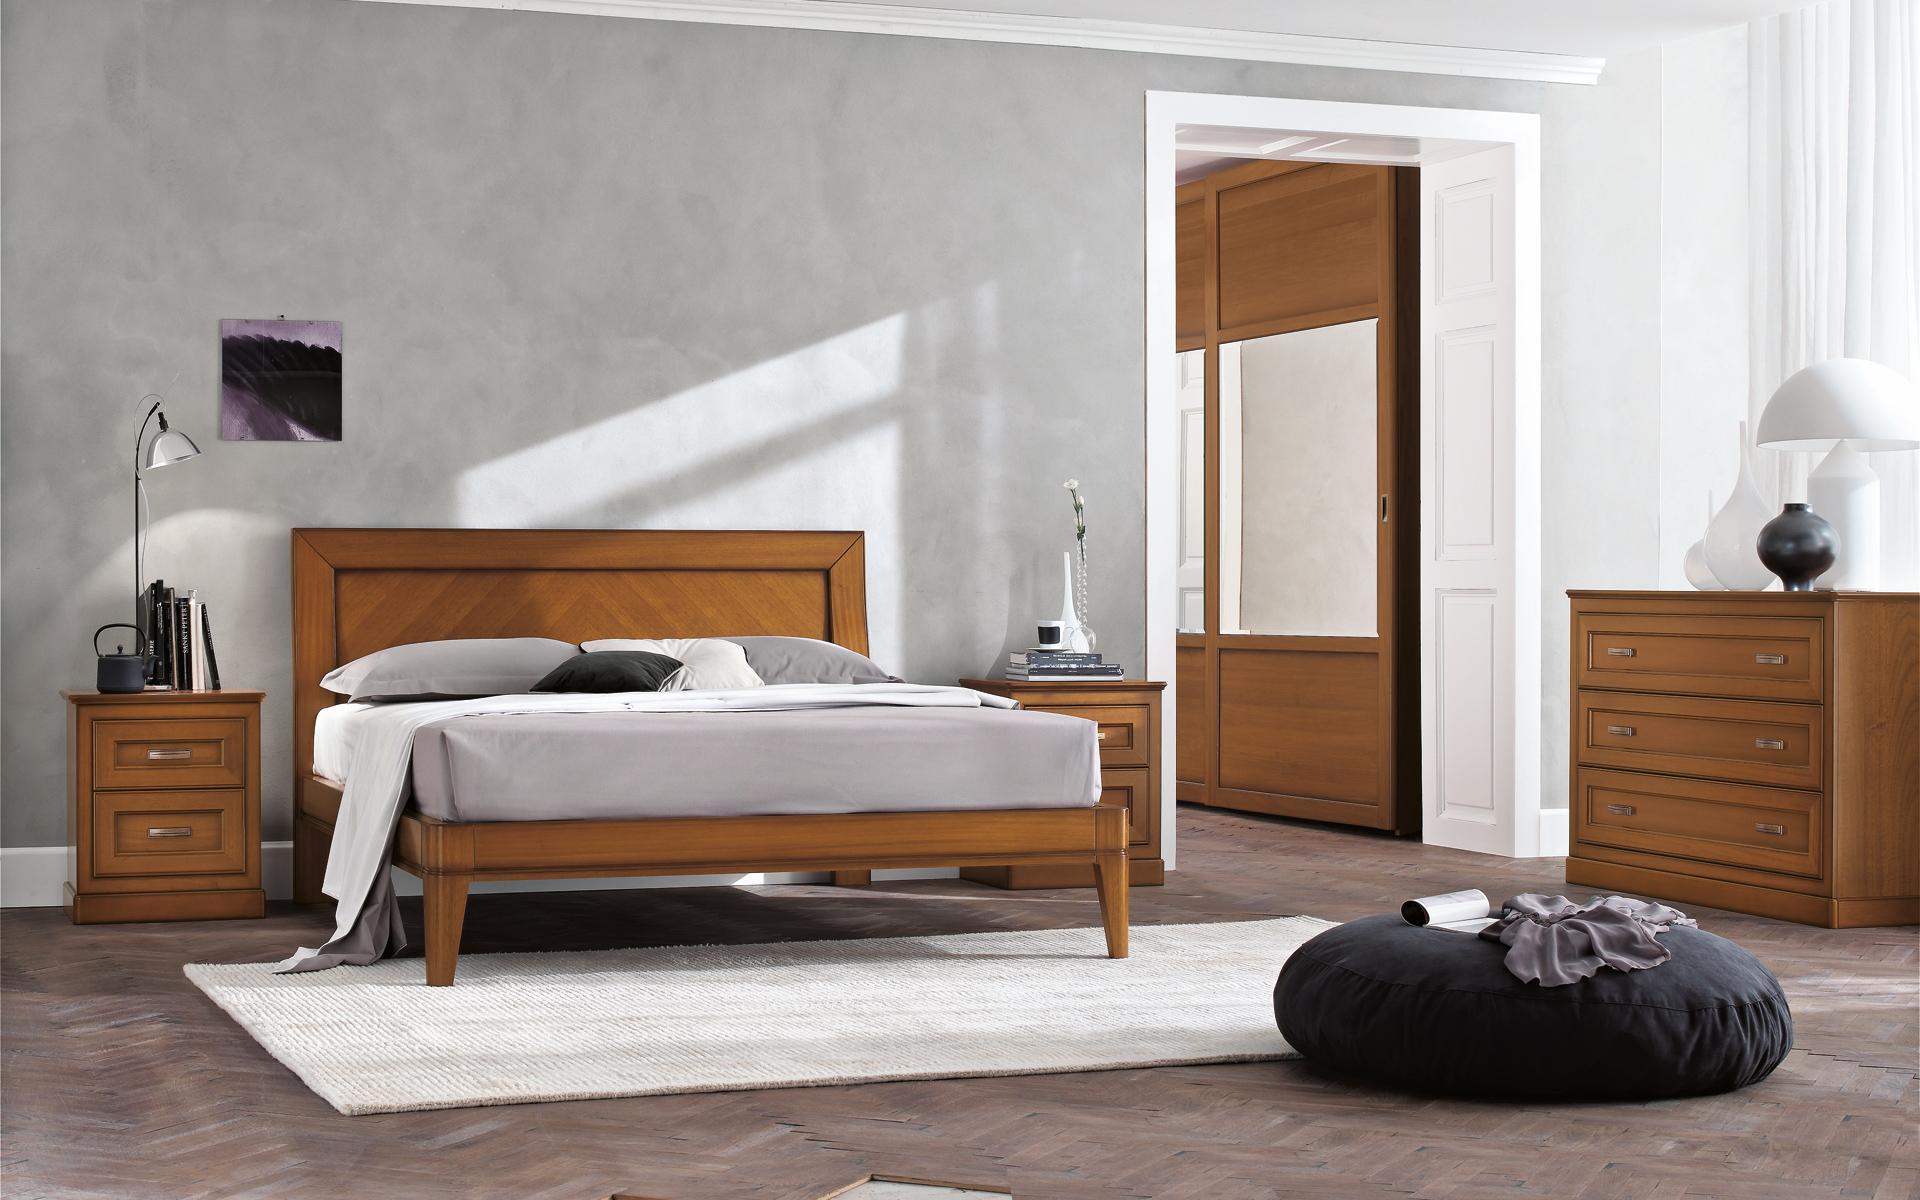 Arredo classico apuzzo mobili dal 1953 for Camere da letto classiche napoli